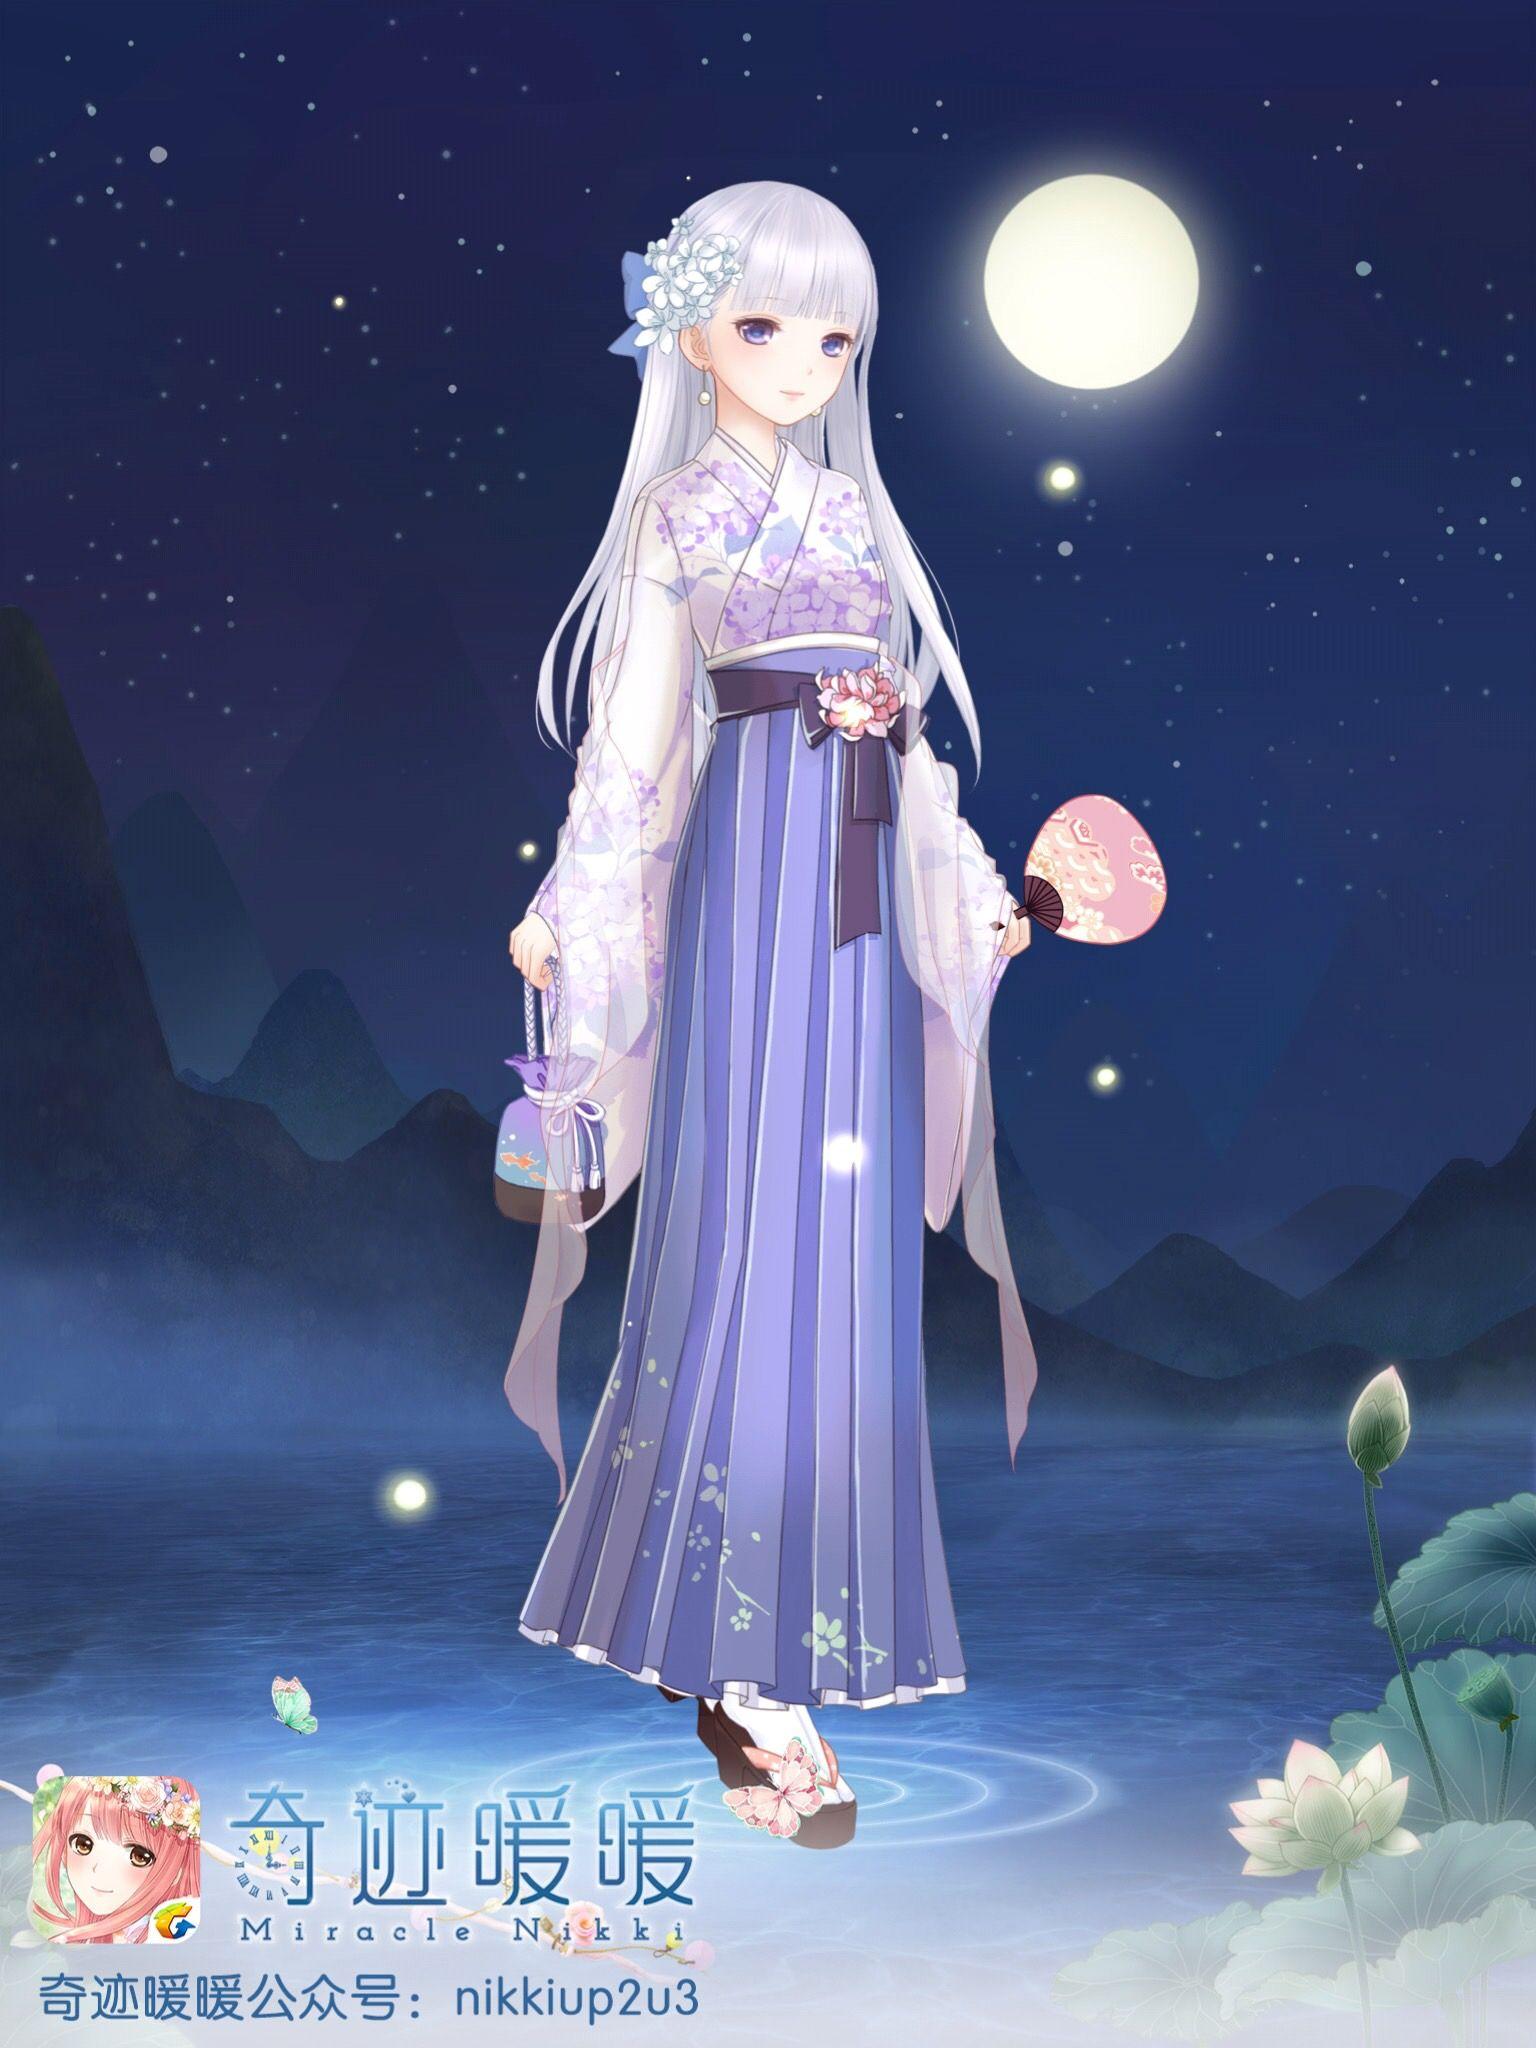 Character Design Kimono : Me annika a ƇσƖƖєcтιση σf rαηɗσм Ƭнιηgѕ ƇσƖƖαв Ɓσαяɗ